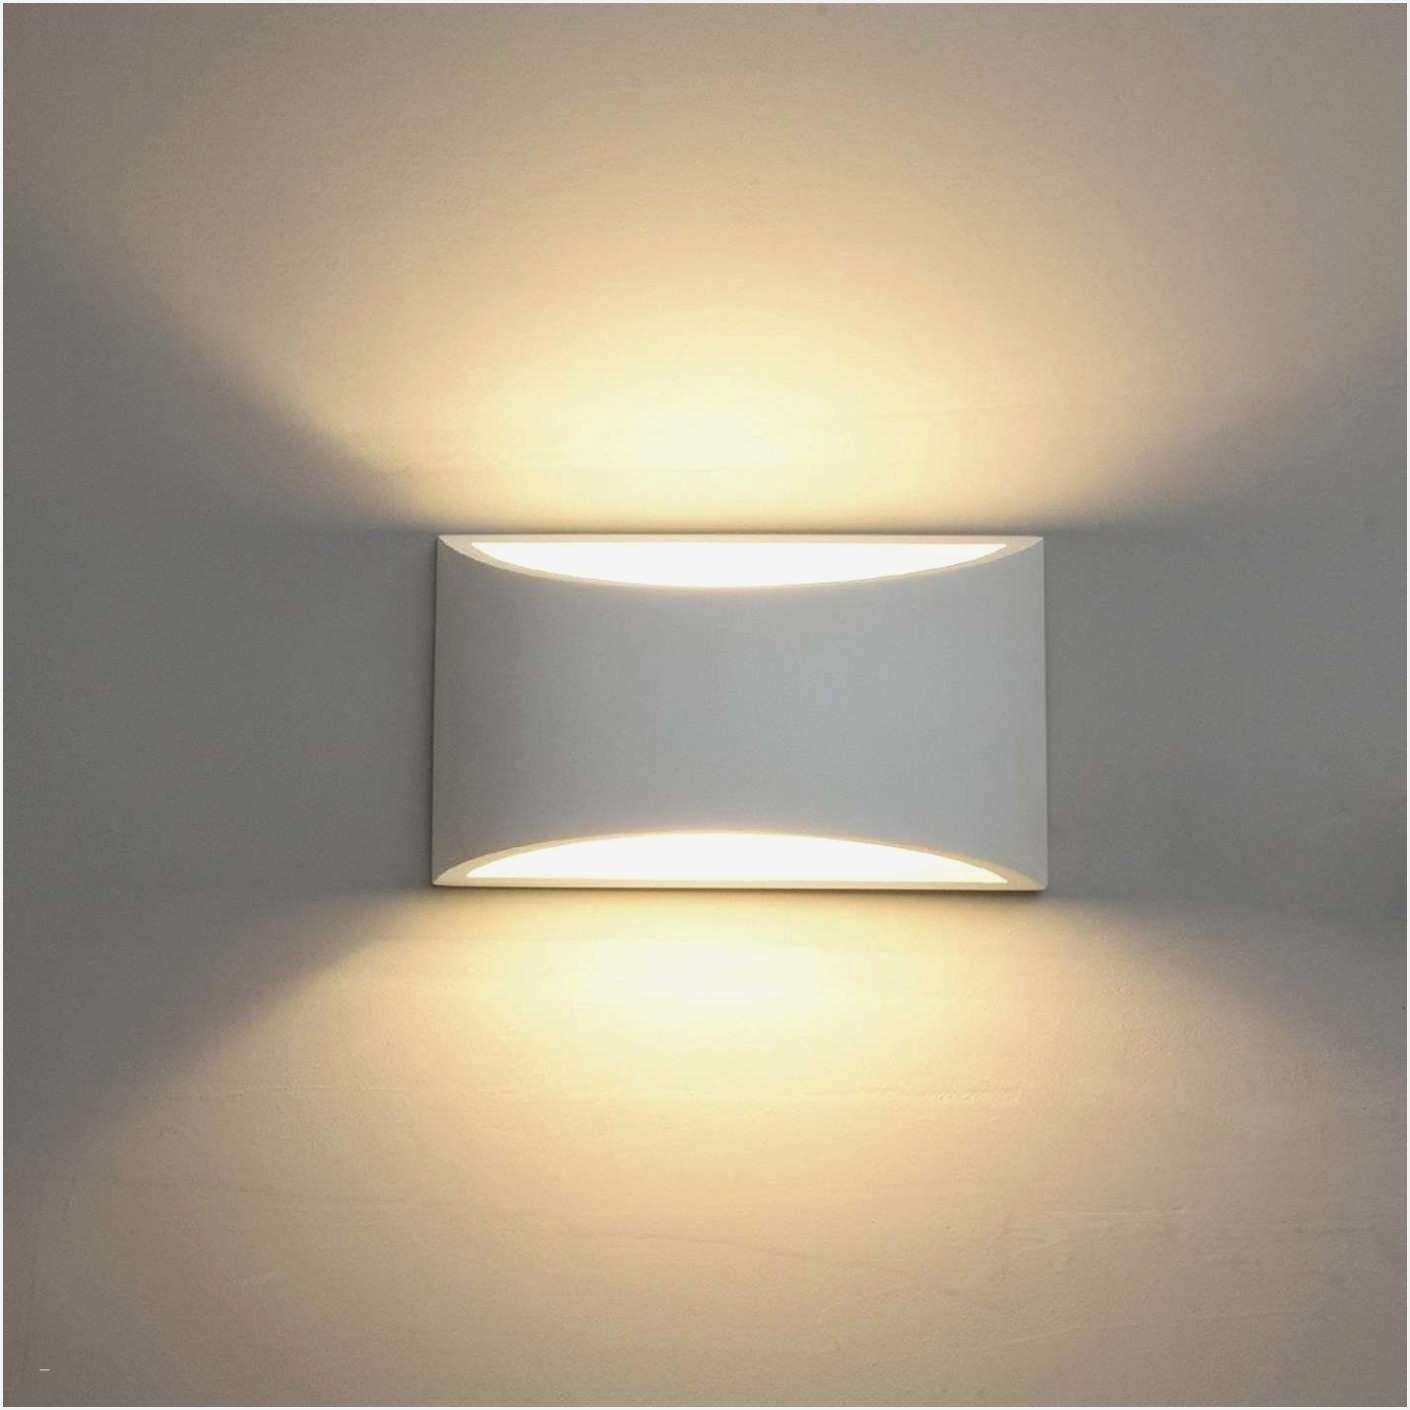 Full Size of Wohnzimmer Lampe Selber Bauen Leuchte Holz Machen Beleuchtung Led Selbst Indirekte Lampen Traumhaus Deckenleuchte Schlafzimmer Stehlampen Hängeleuchte Großes Wohnzimmer Wohnzimmer Lampe Selber Bauen